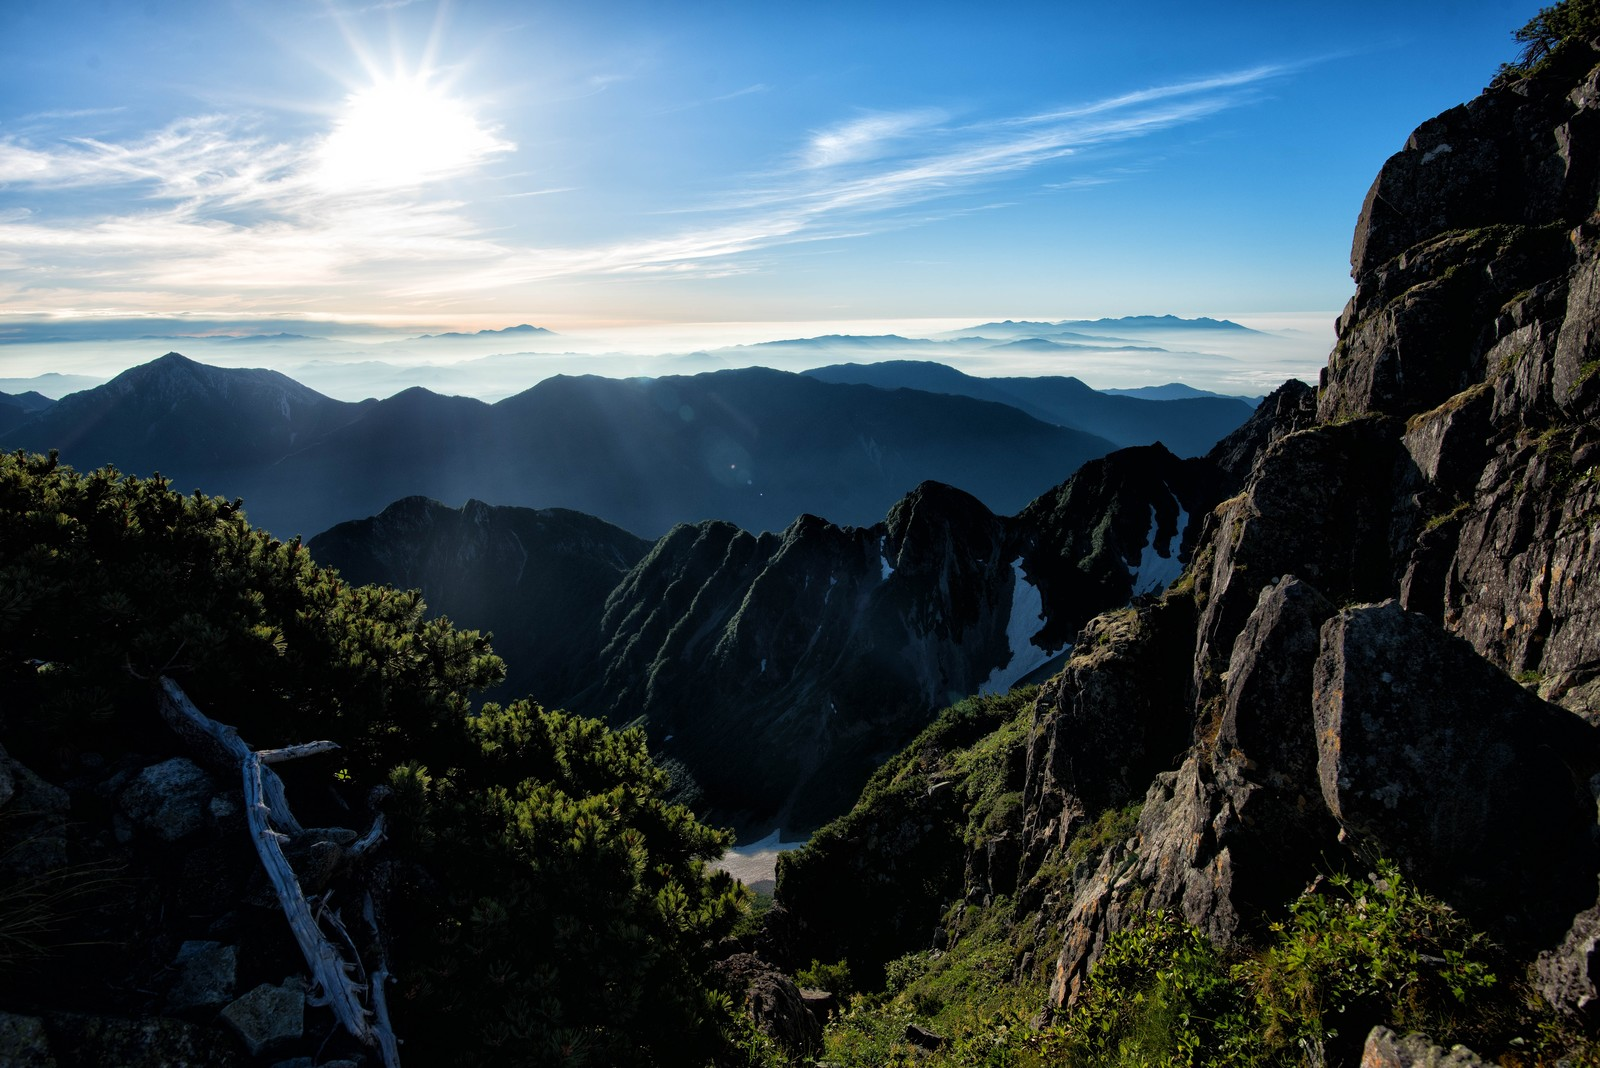 「朝日に照らされる穂高の山道朝日に照らされる穂高の山道」のフリー写真素材を拡大